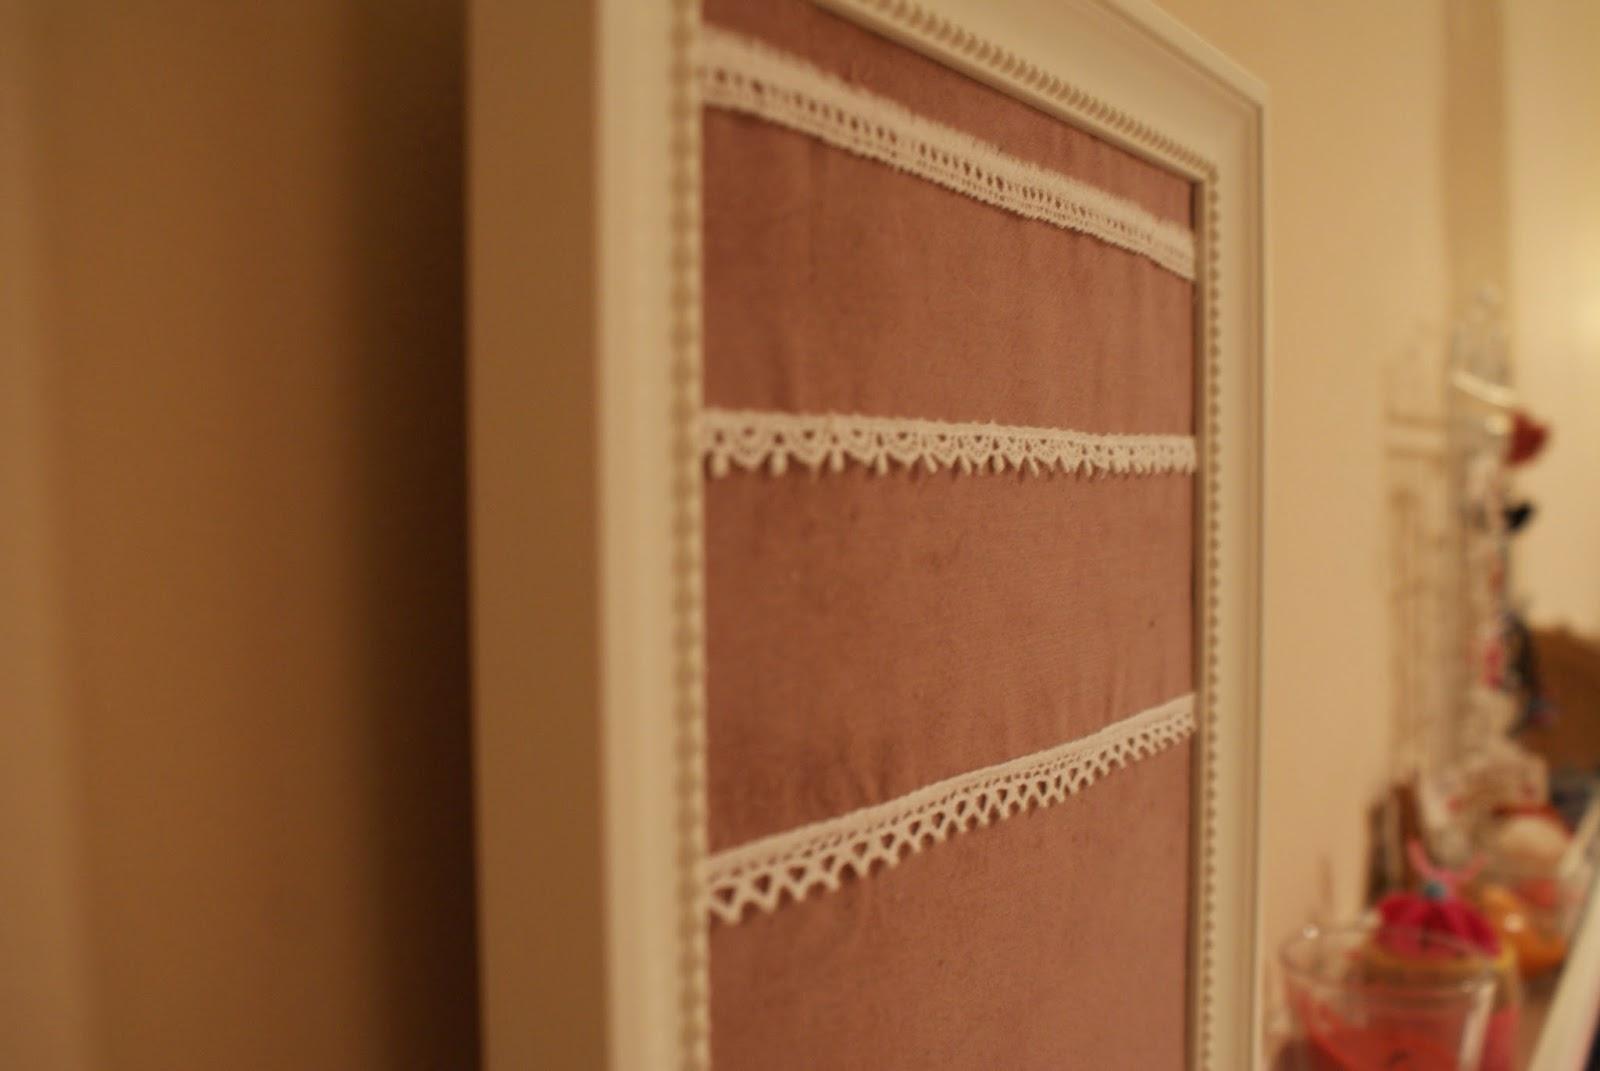 gro z gig wie ein bilderrahmen schneiden galerie bilderrahmen ideen. Black Bedroom Furniture Sets. Home Design Ideas